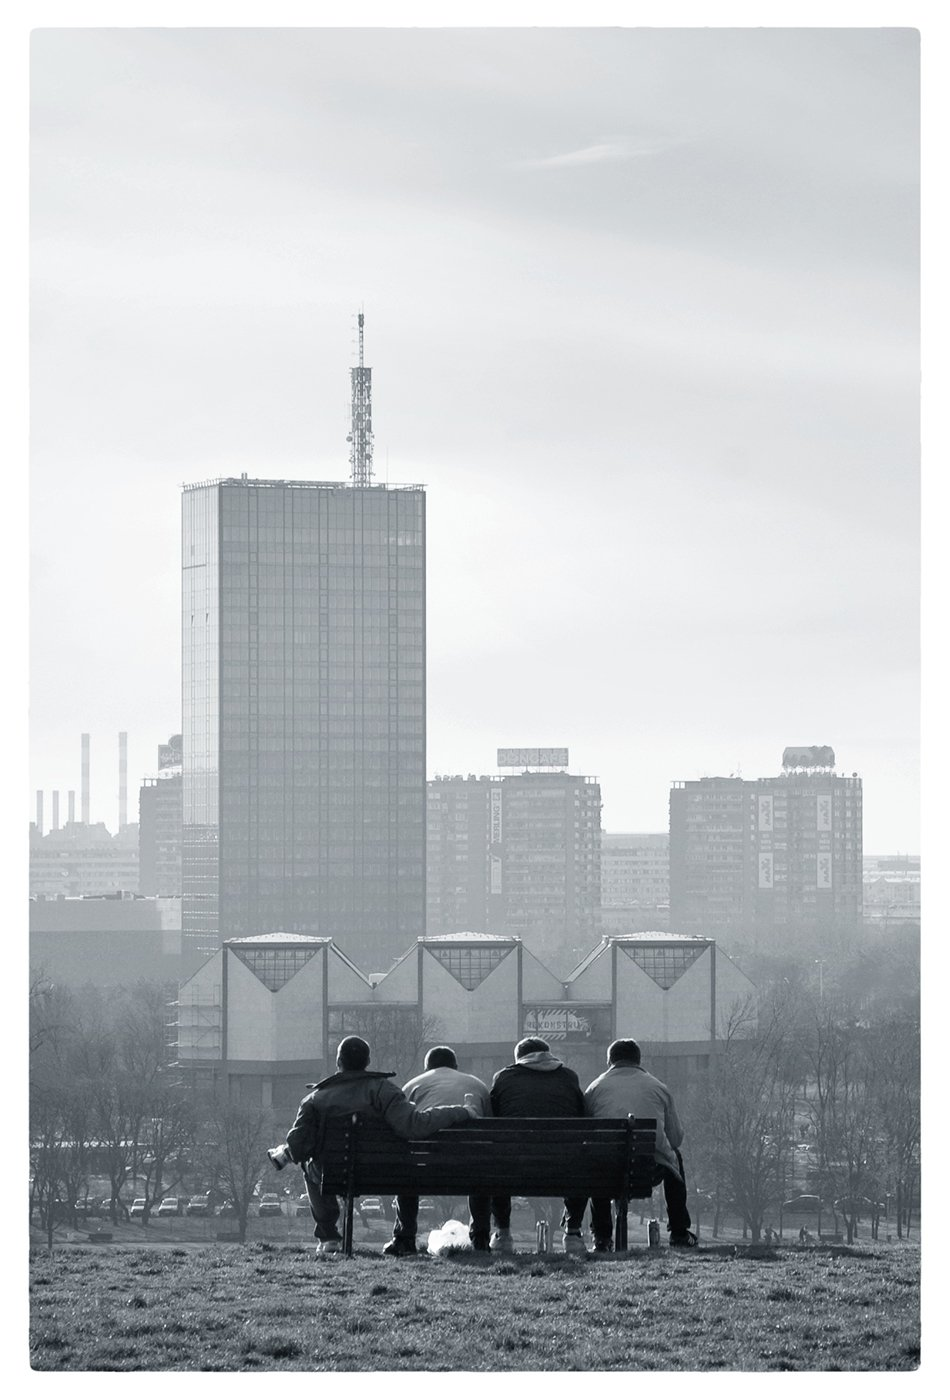 PICTOGRAMAX - 2010 - L'EQUIPE.jpg